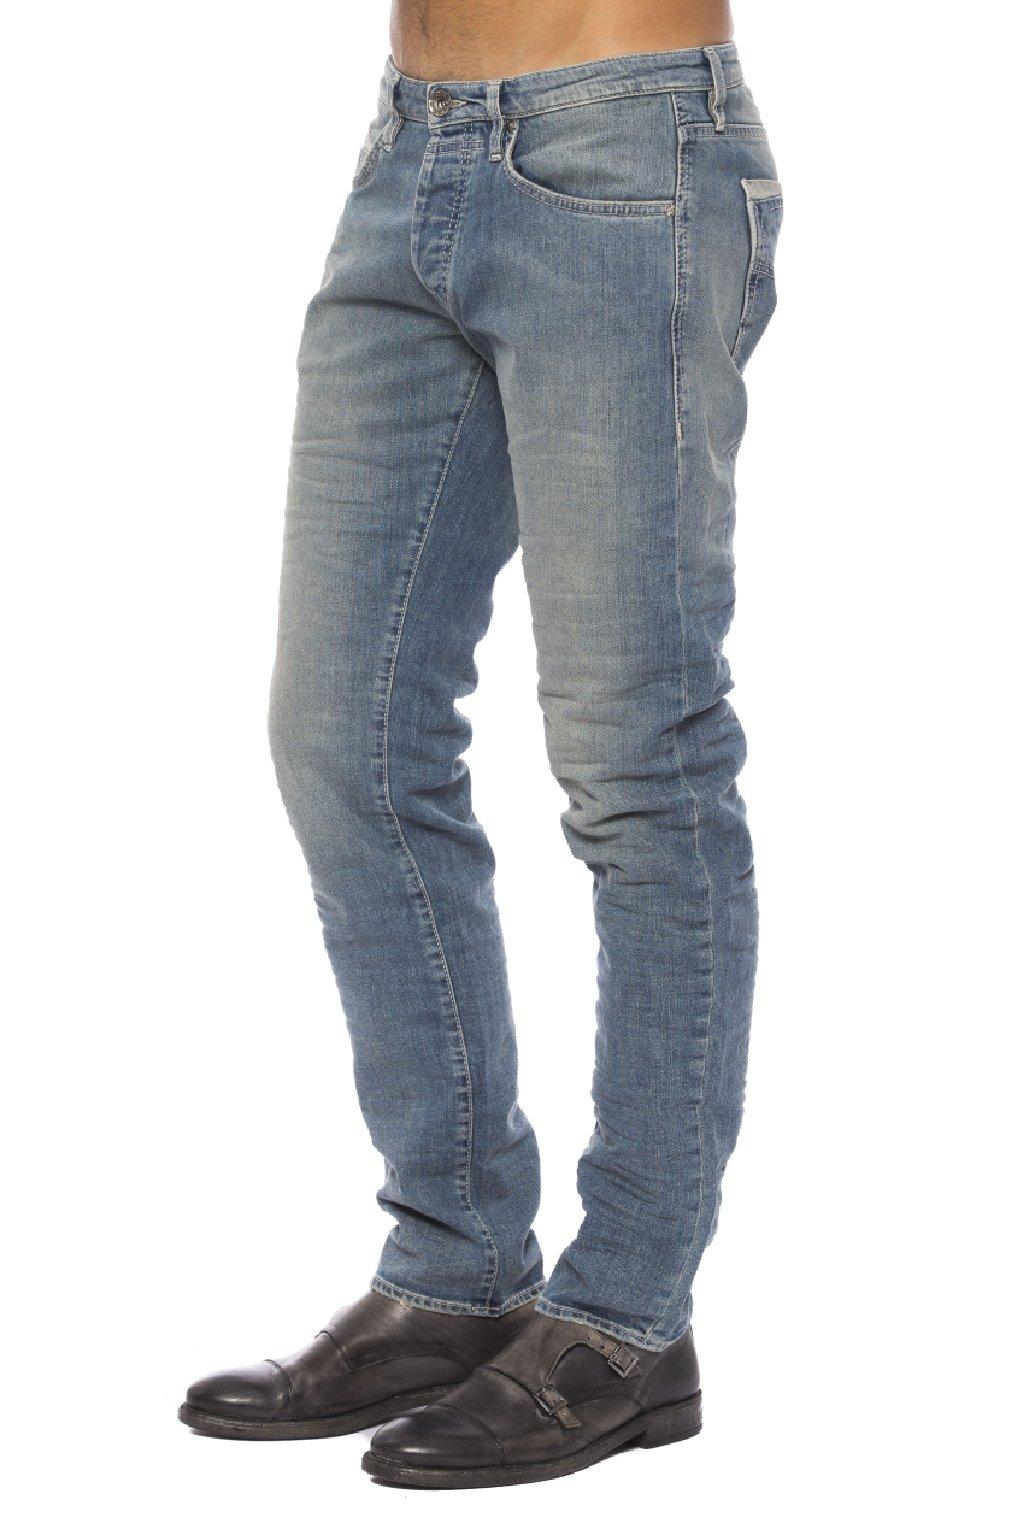 pansky svetr znackovy gas jeans (4)